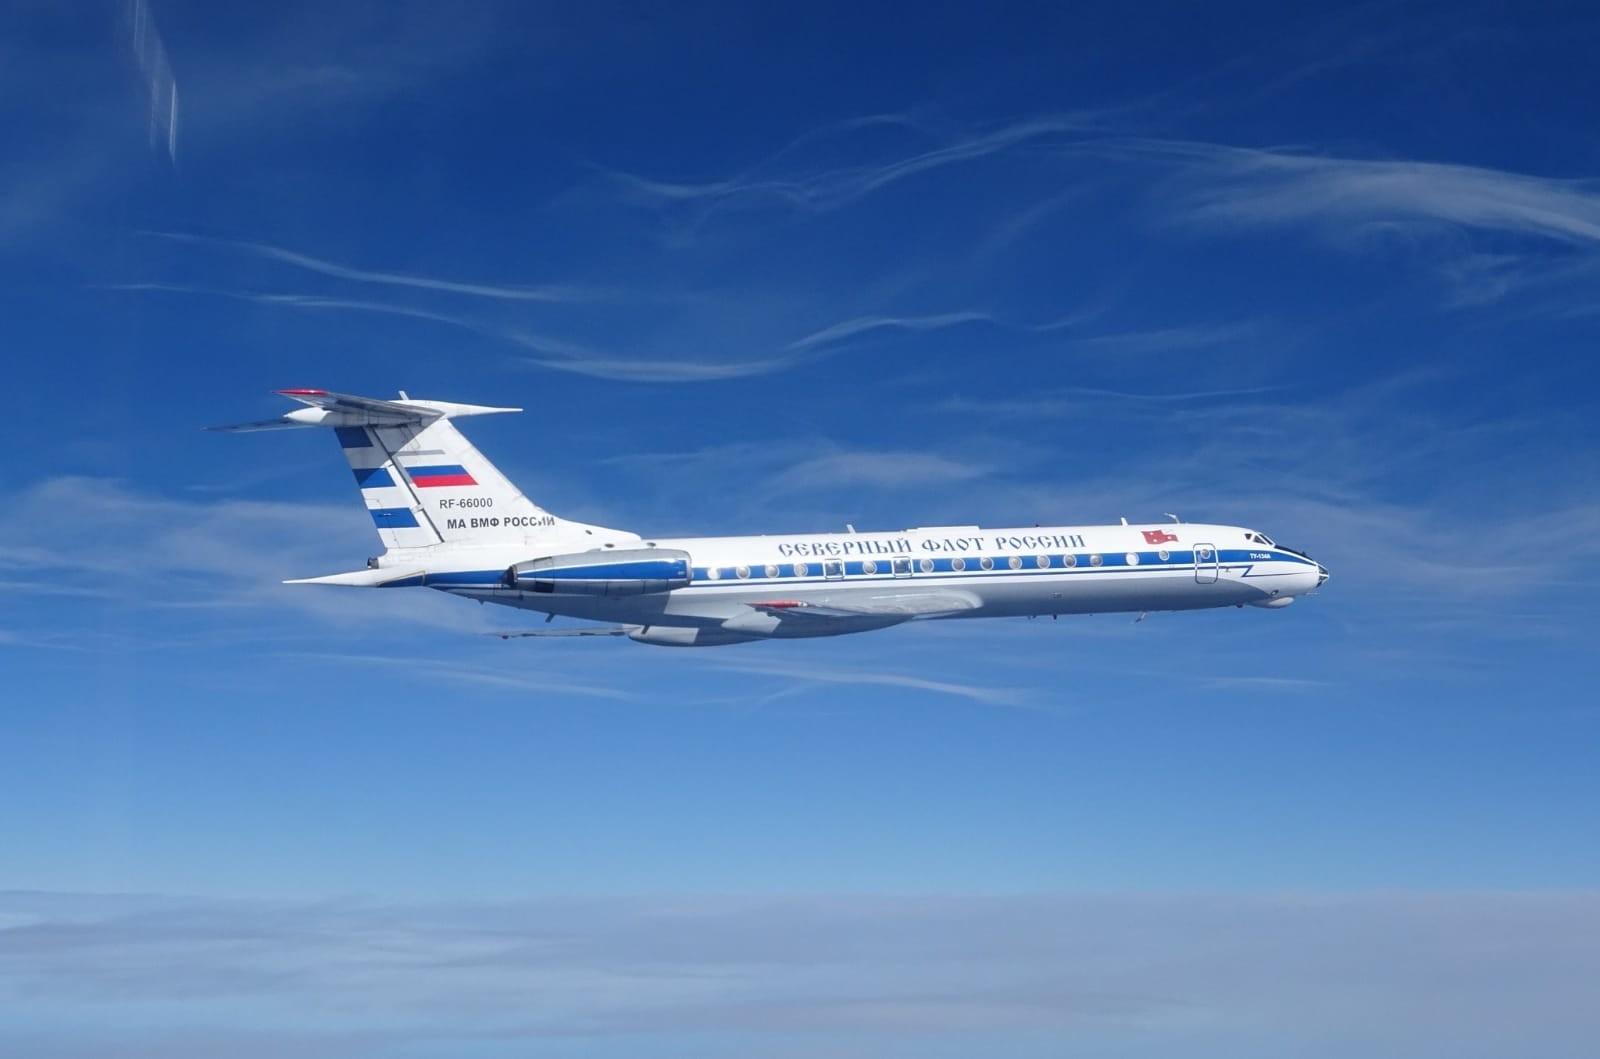 Tupolev Tu-134AK de la Flota Aérea del Norte de Rusia, concretamente el RF-66000. Se trata de un avión de transporte de personalidades.